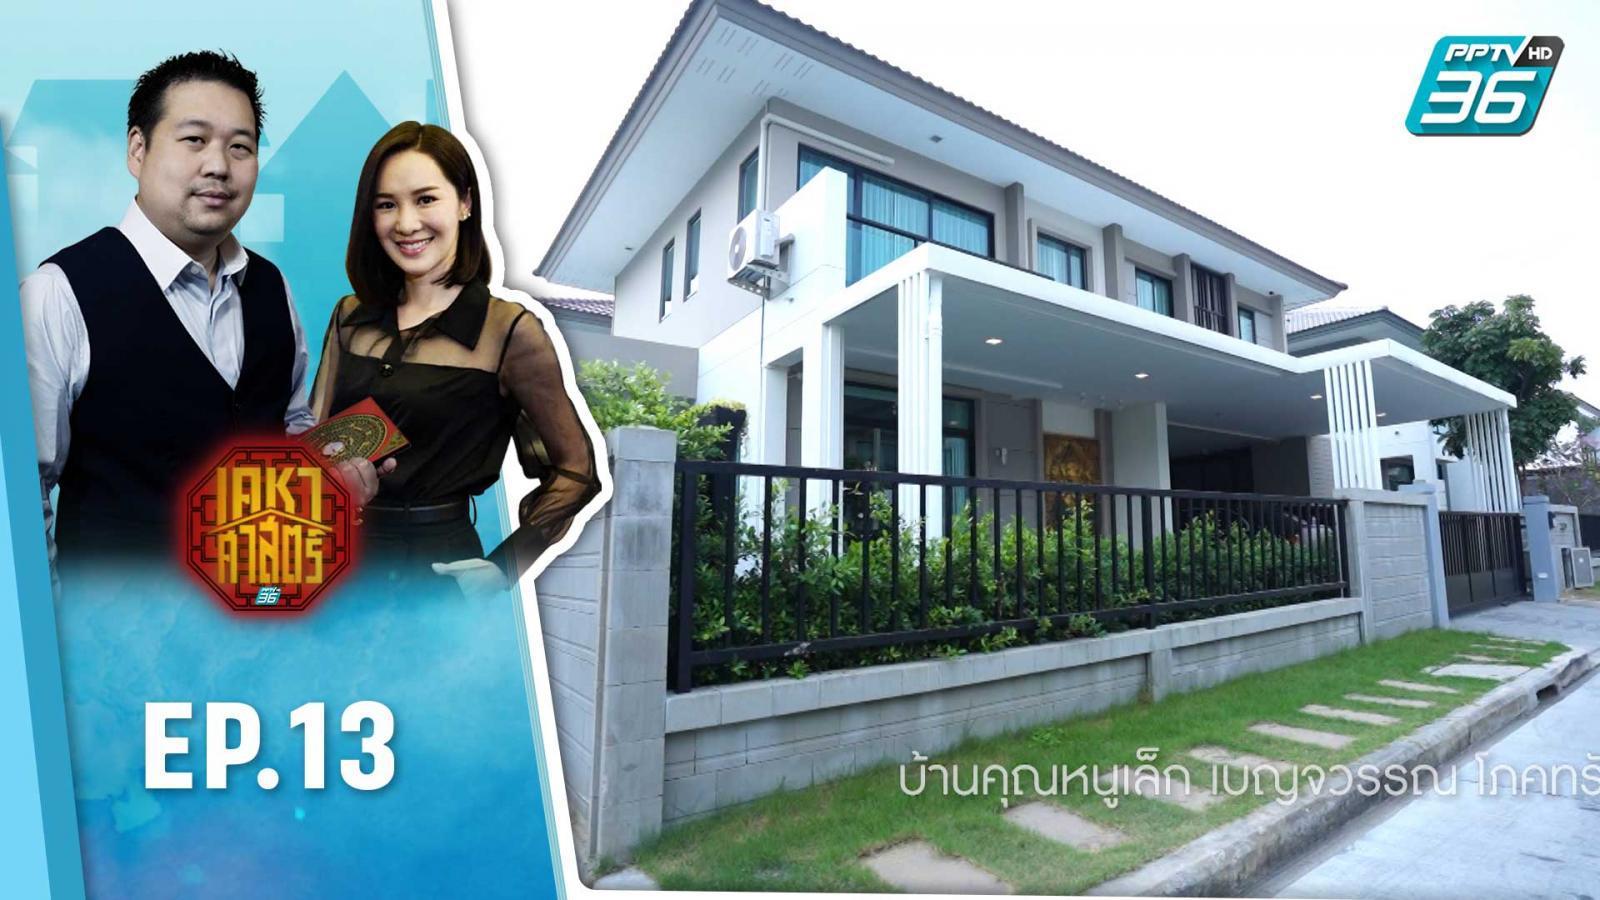 เคหาศาสตร์ EP.13  | ย้อนดูบ้านบอกชีวิต 1| PPTV HD 36